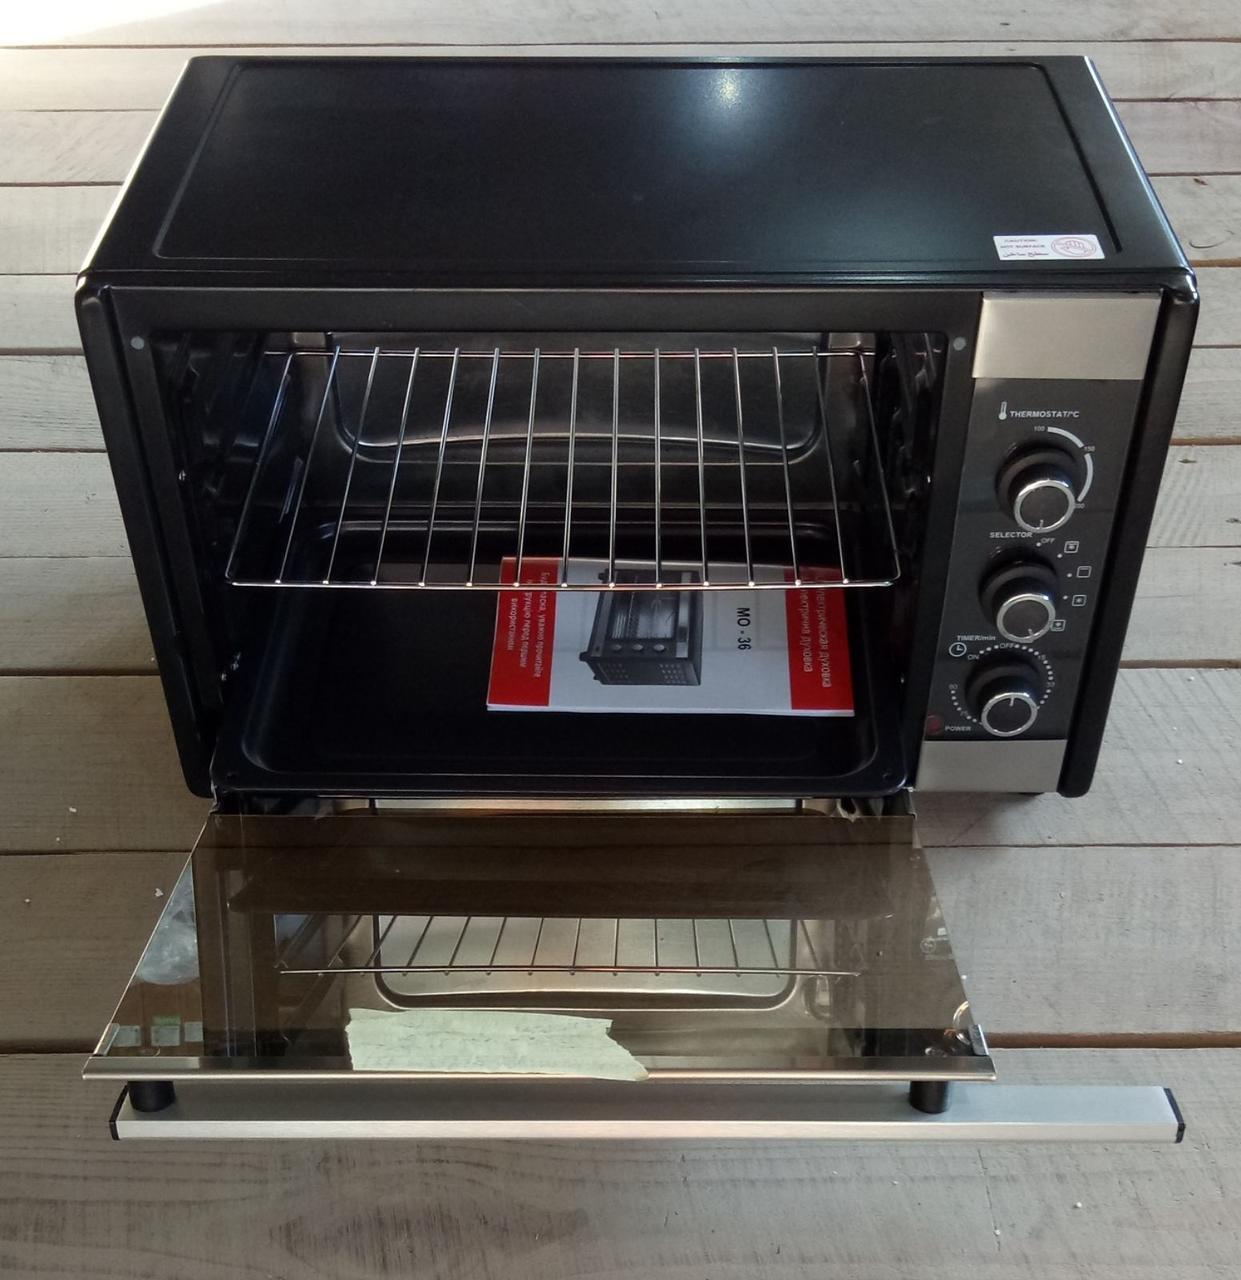 Печь электрическая с конвекцией 36л Milano MO-36 черн